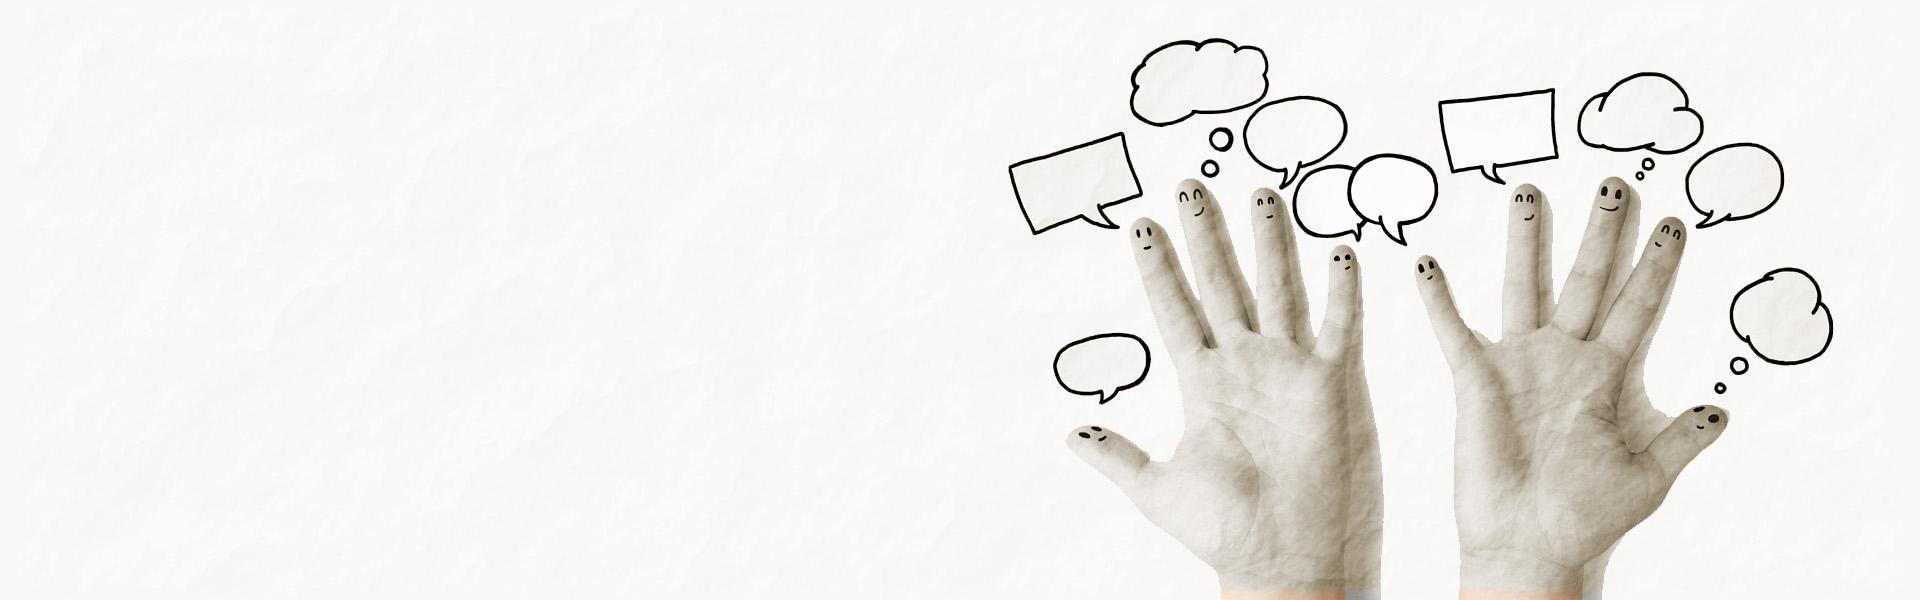 Grafika przedstawiająca obie ręce od strony zewnętrznej, na każdym z palców znajduje się uśmiechnięta buźka a nad nią pusta chmurka tekstowa na biało-szarym tle.